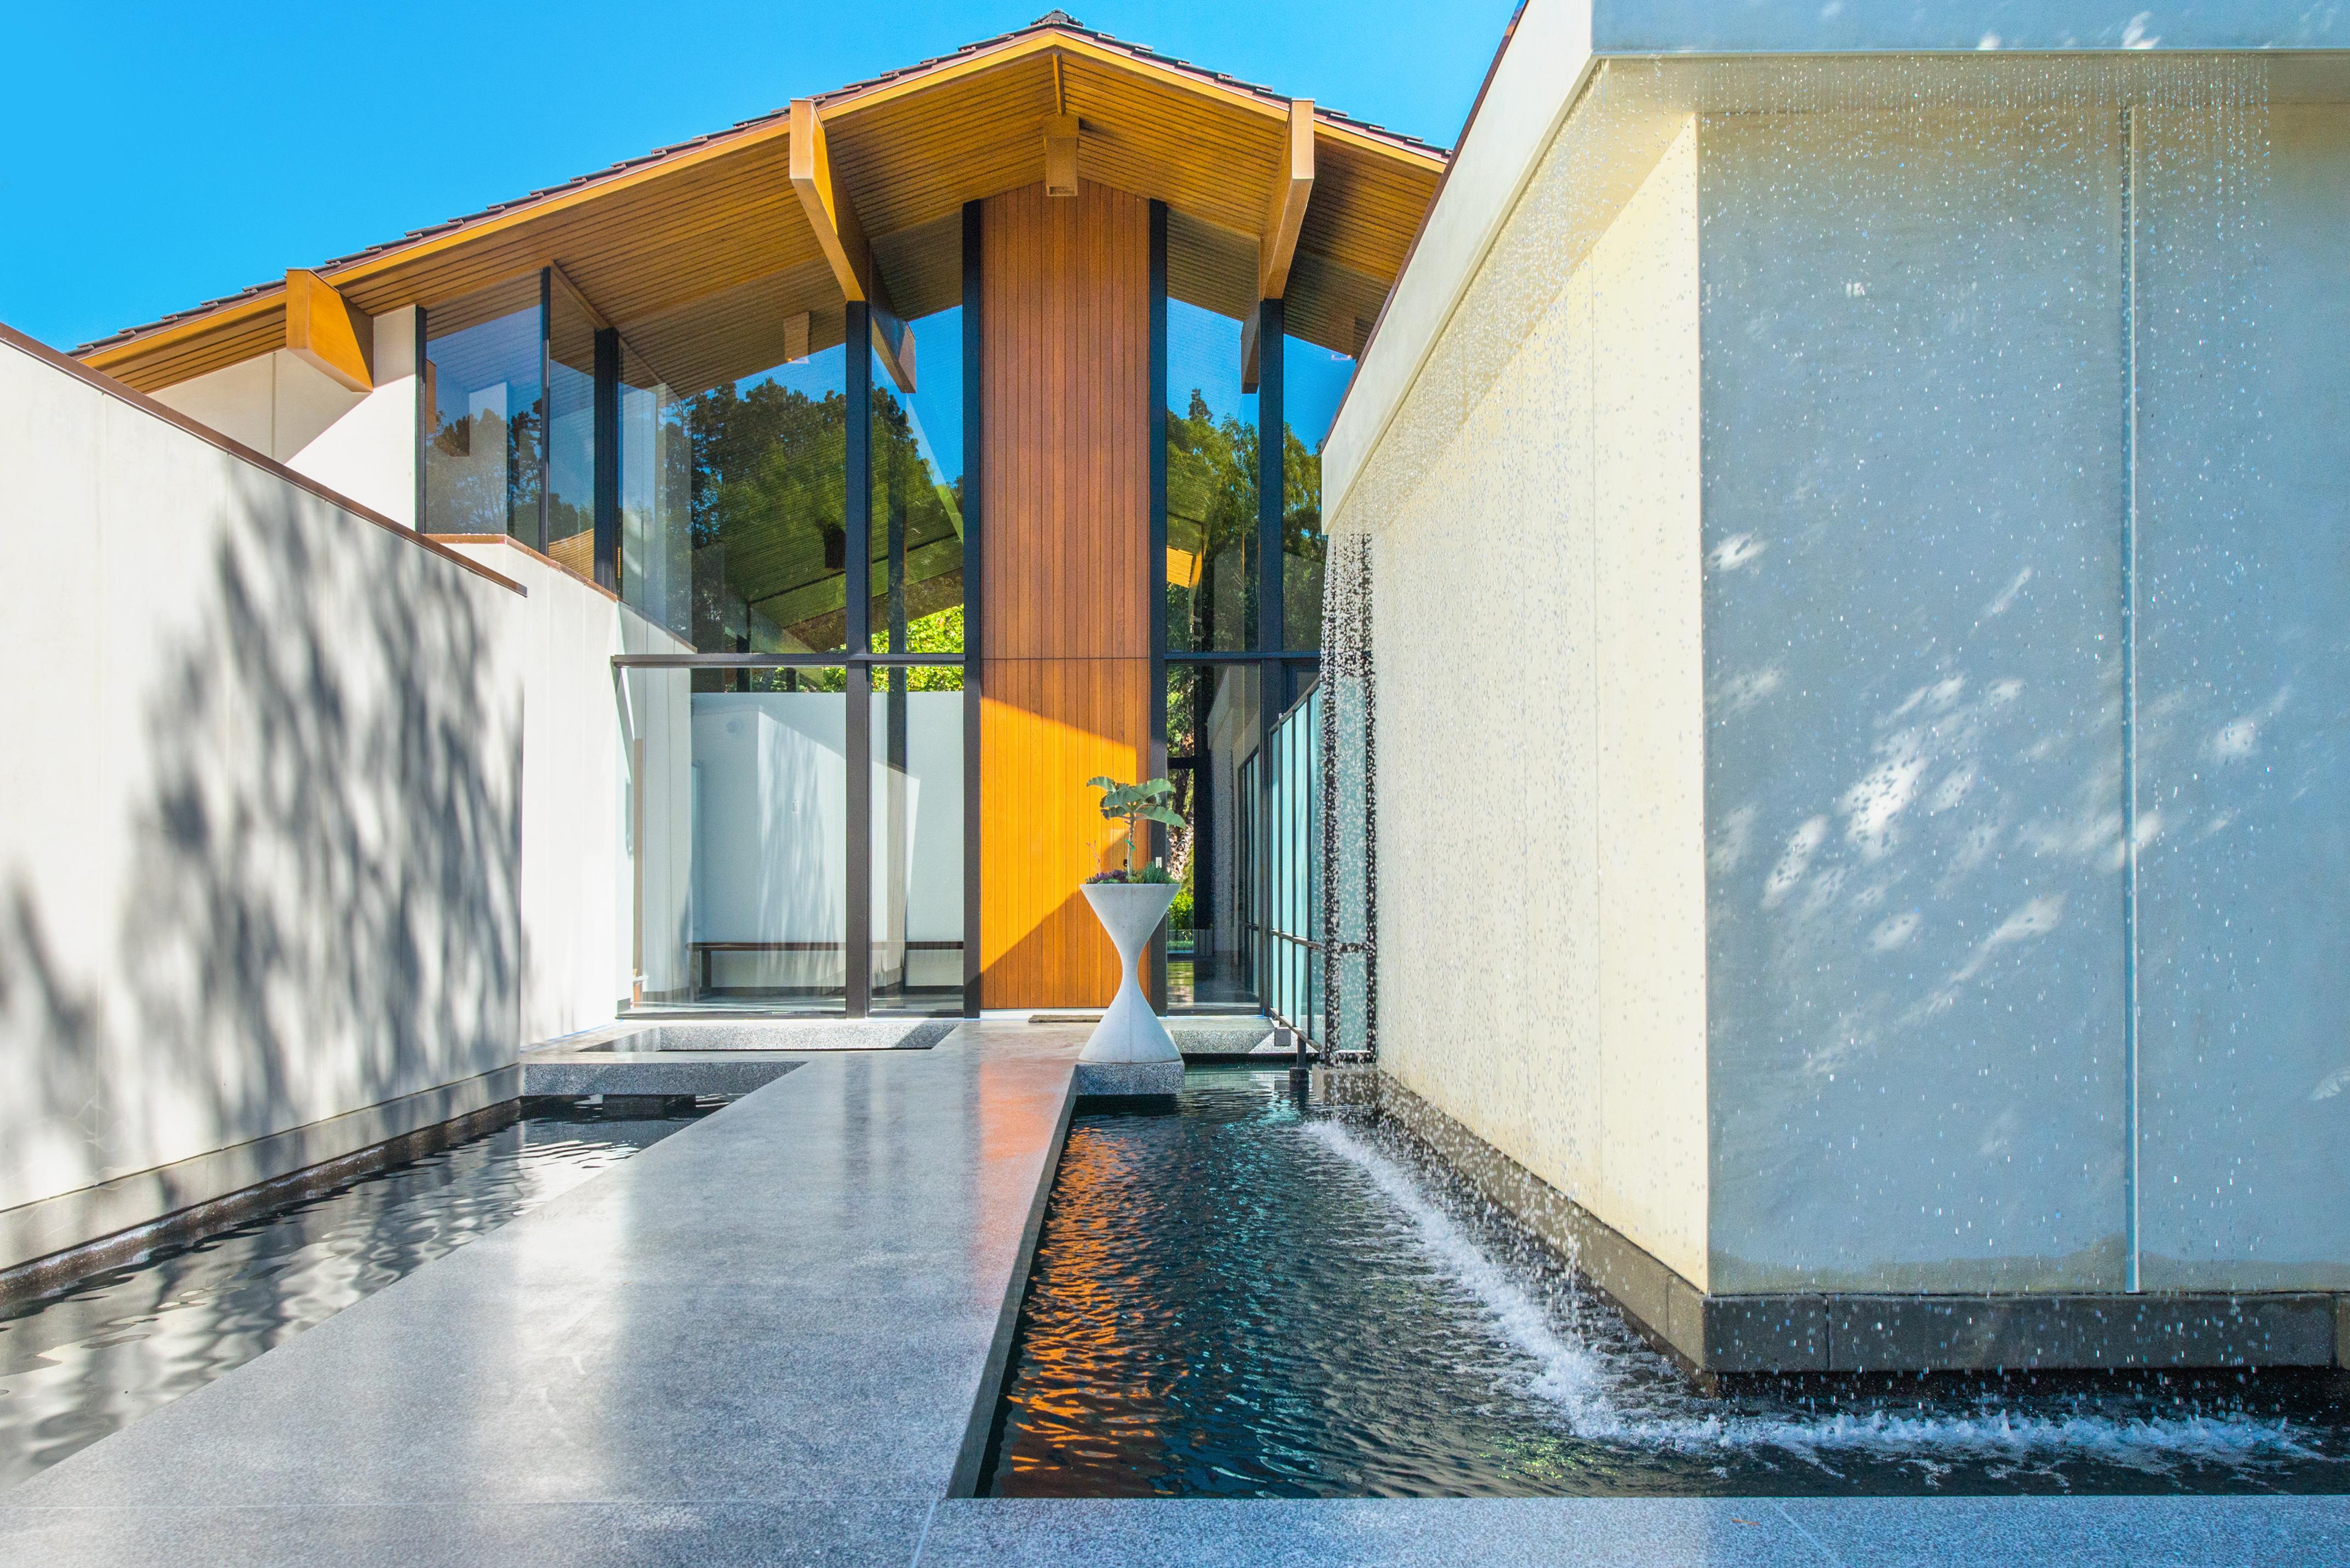 Michael la fetra a quincy jones 1962 sherwood house for Jones architecture